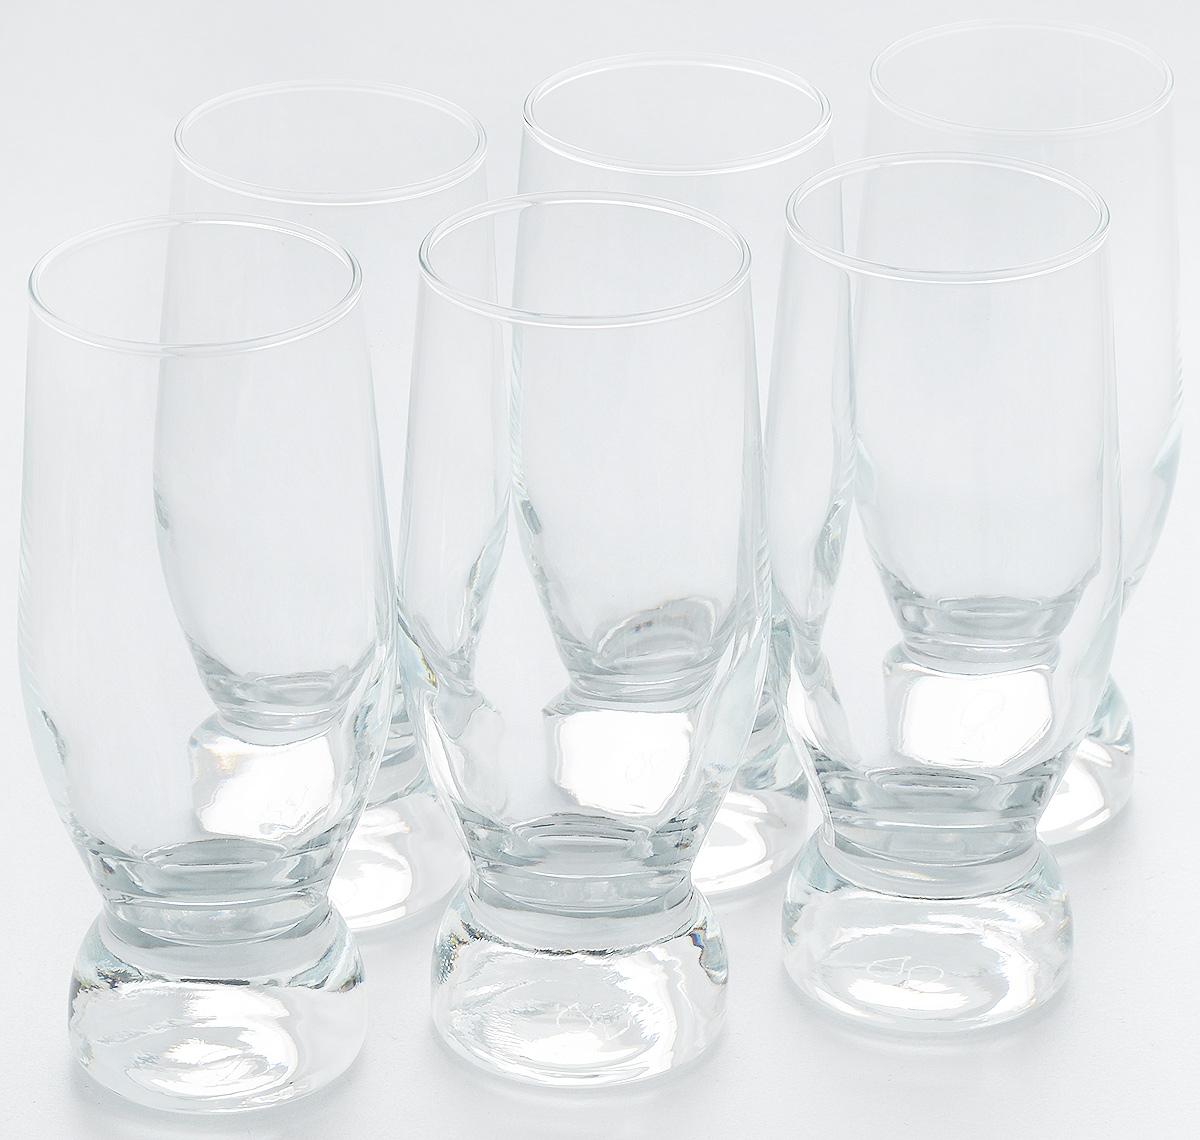 Набор стаканов для коктейлей Pasabahce Aquatic, 265 мл, 6 шт42978BНабор Pasabahce, состоящий из шести стаканов, несомненно, придется вам по душе. Стаканы предназначены для подачи коктейлей, сока, воды и других напитков. Они изготовлены из прочного высококачественного прозрачного стекла и сочетают в себе элегантный дизайн и функциональность. Благодаря такому набору пить напитки будет еще вкуснее.Набор стаканов Pasabahce идеально подойдет для сервировки стола и станет отличным подарком к любому празднику.Высота стакана: 15 см.